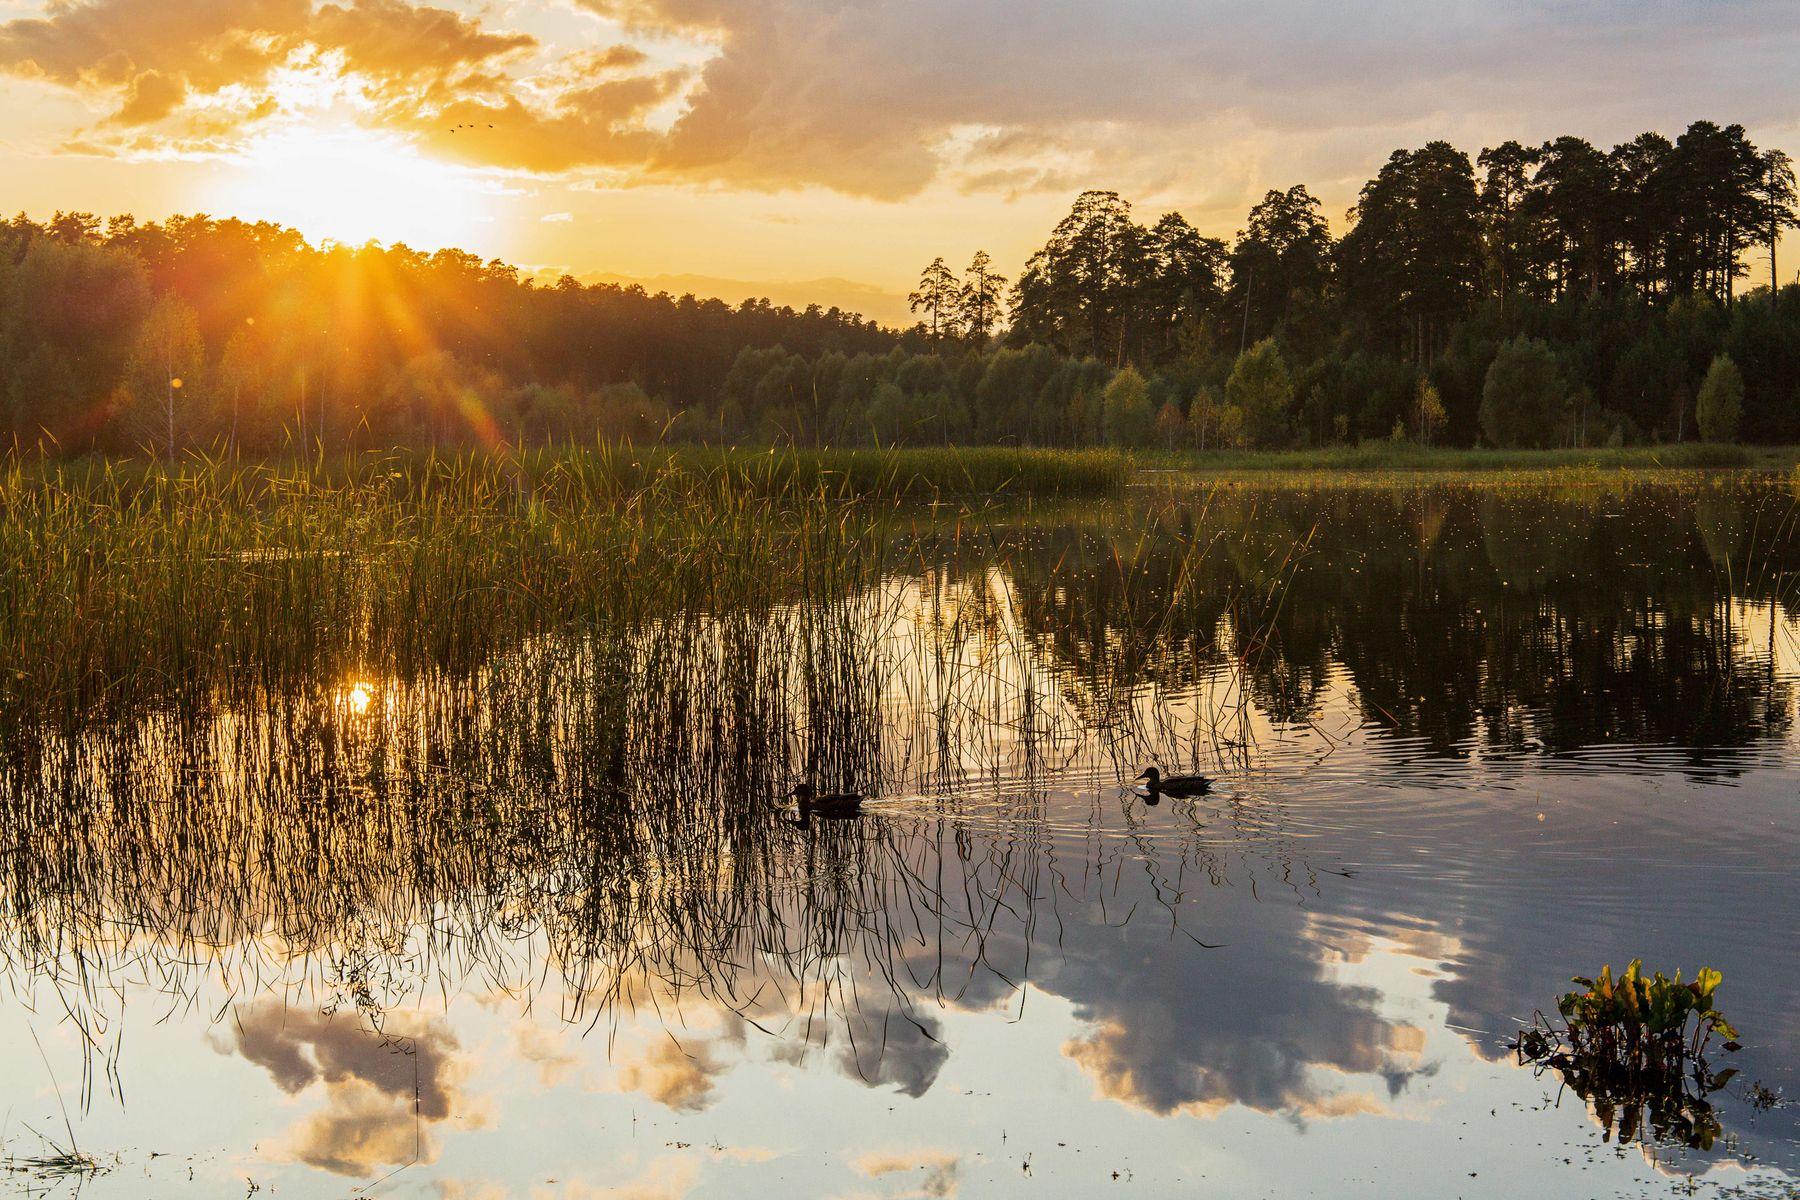 Вечер на озере природа пейзаж вечер закат татарстан озеро малое лебяжье